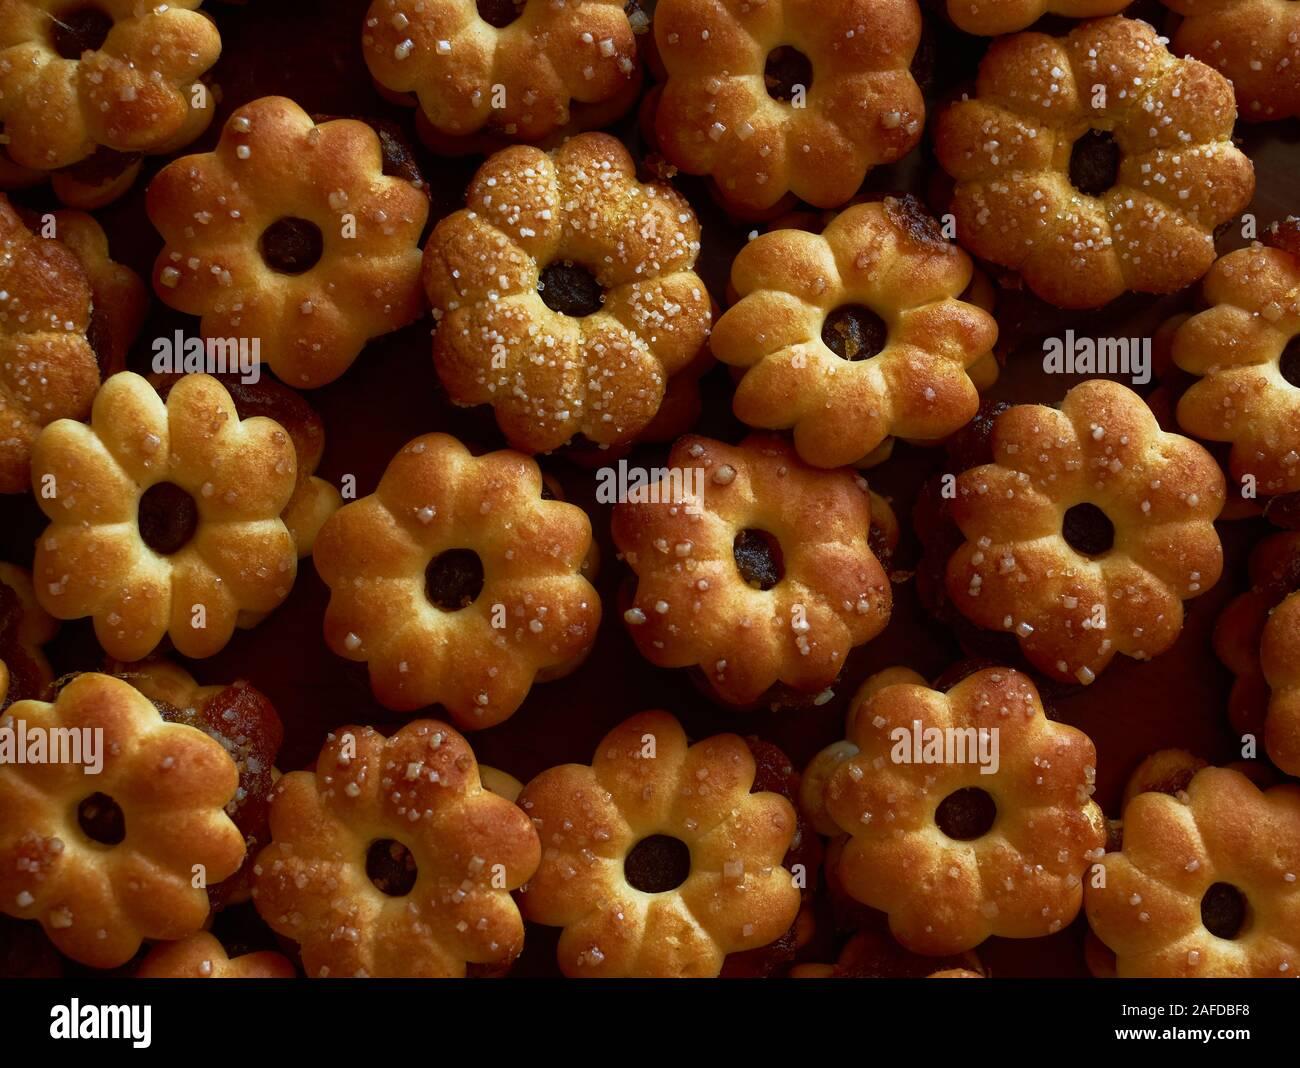 Contexte Les biscuits avec de la confiture d'ananas Banque D'Images